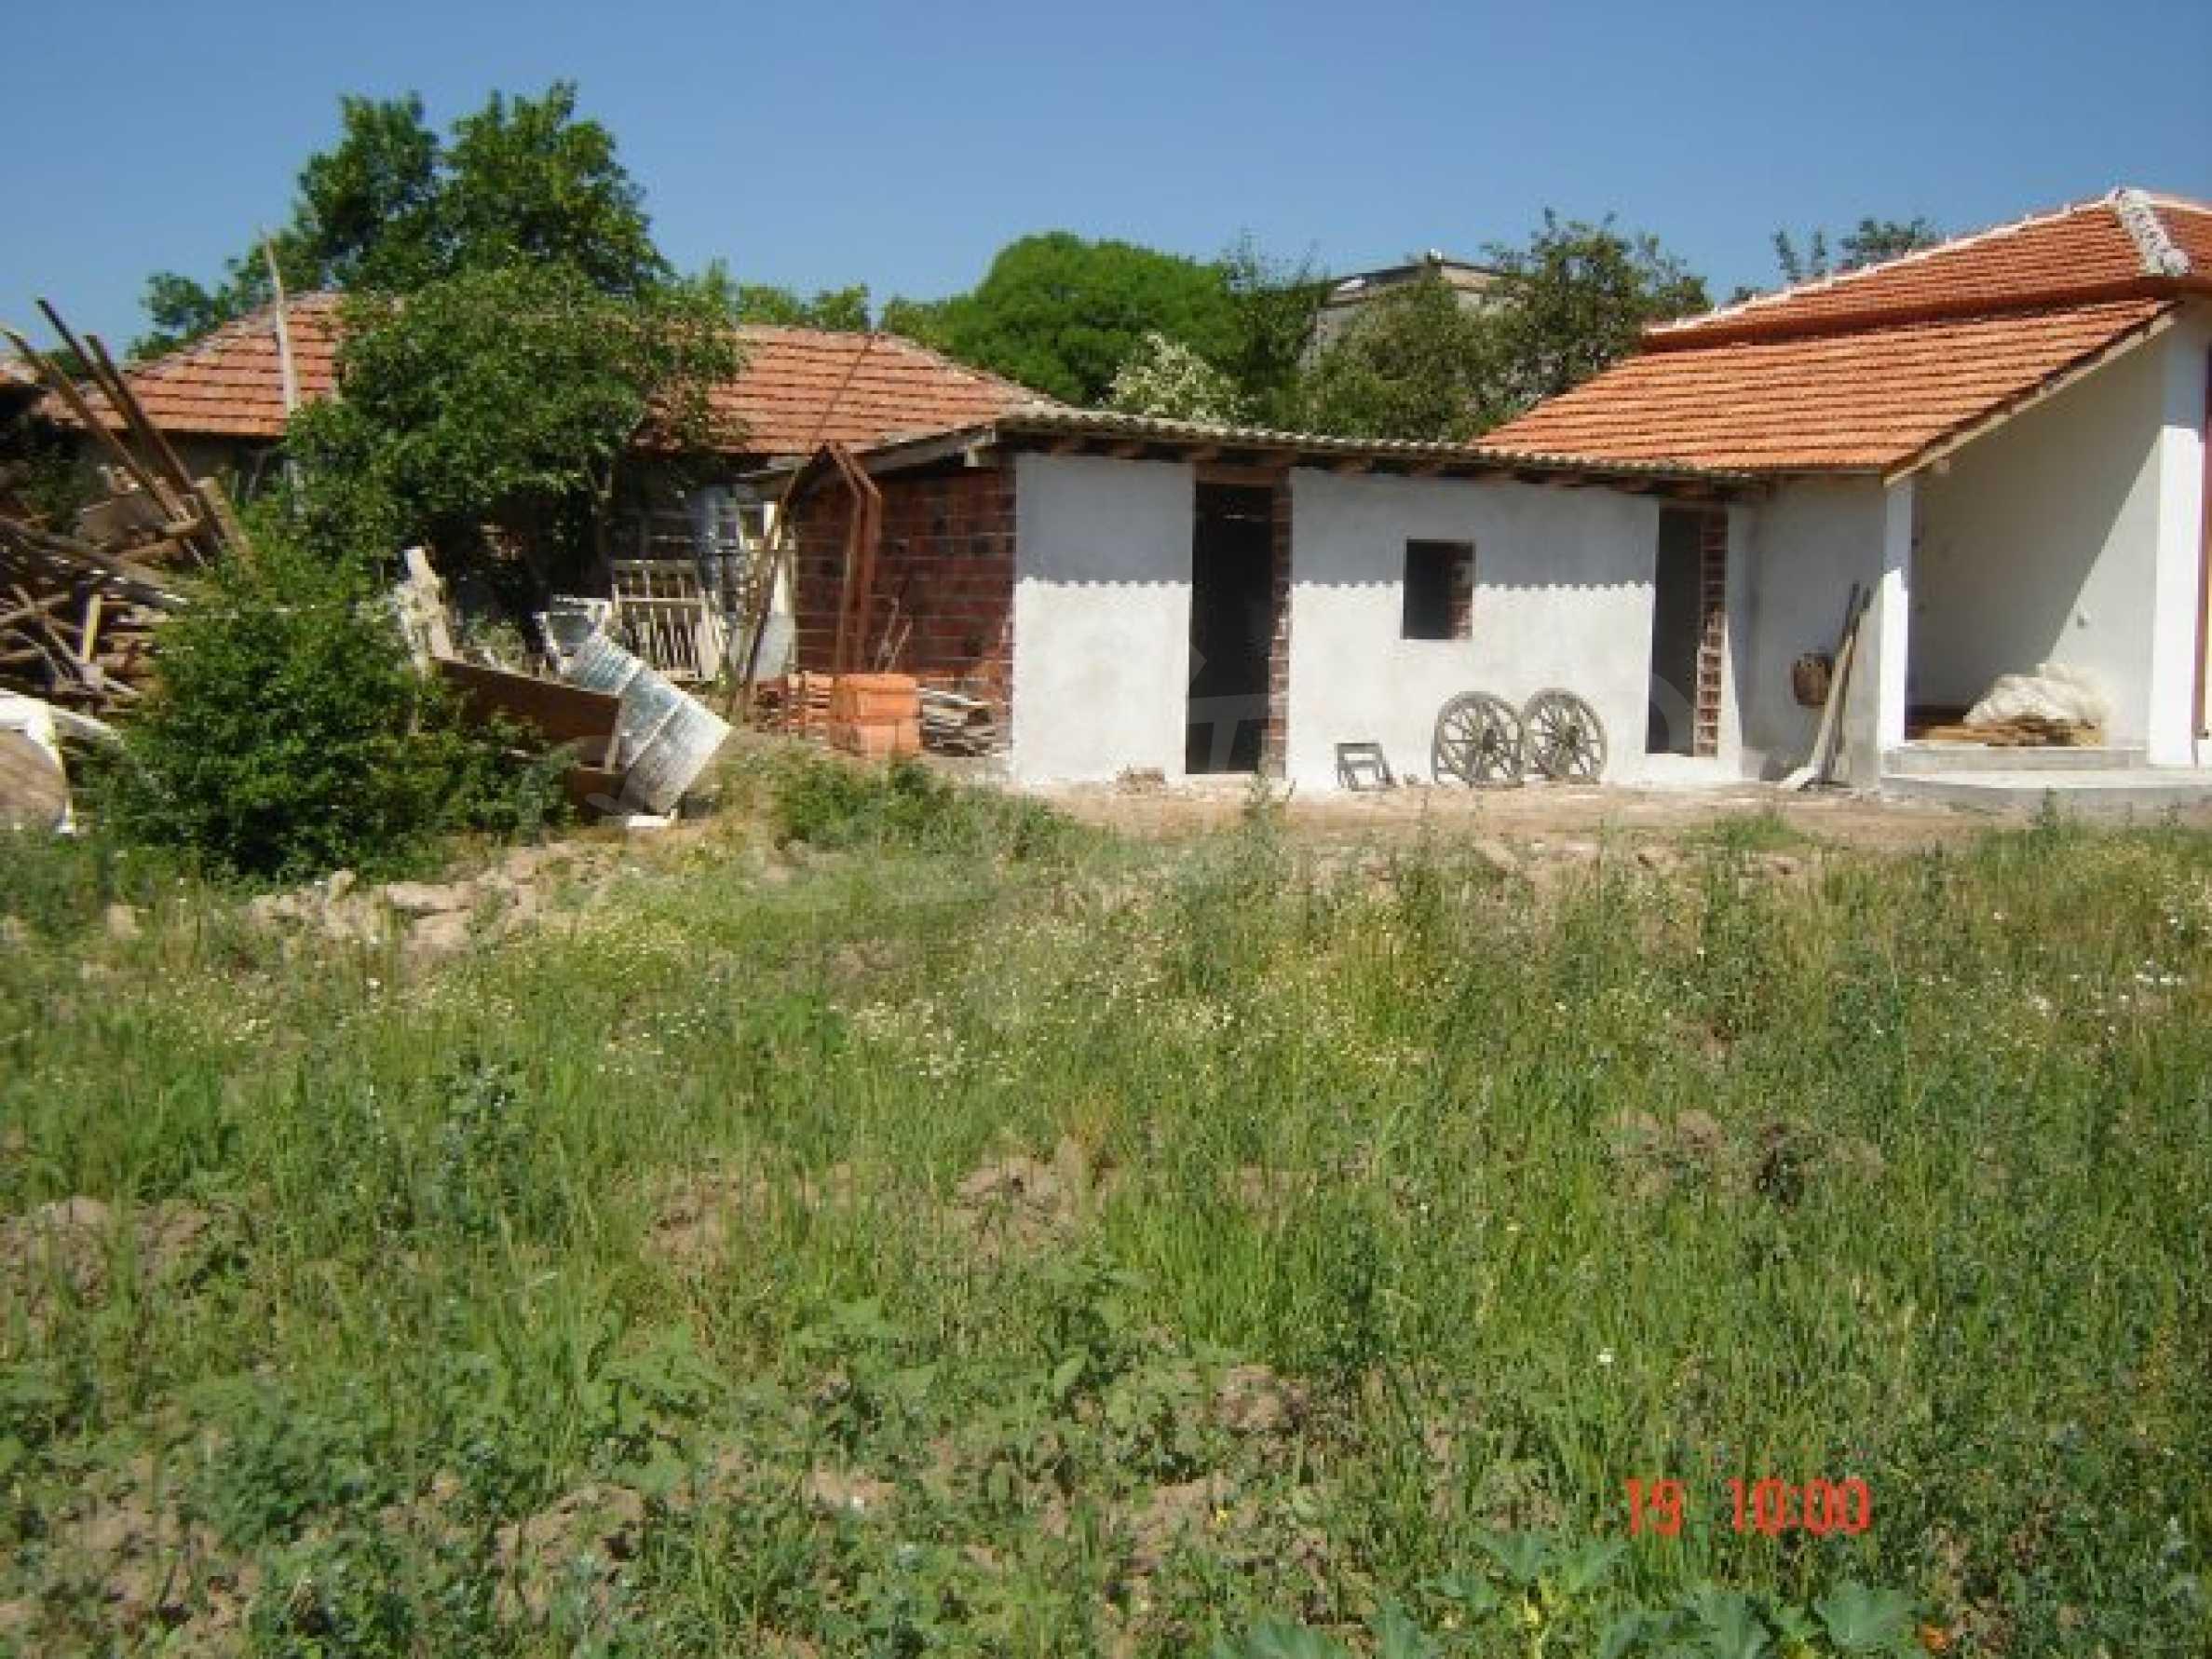 Neu gebautes Haus zum Verkauf in der Nähe von Ivaylovgrad Damm 2